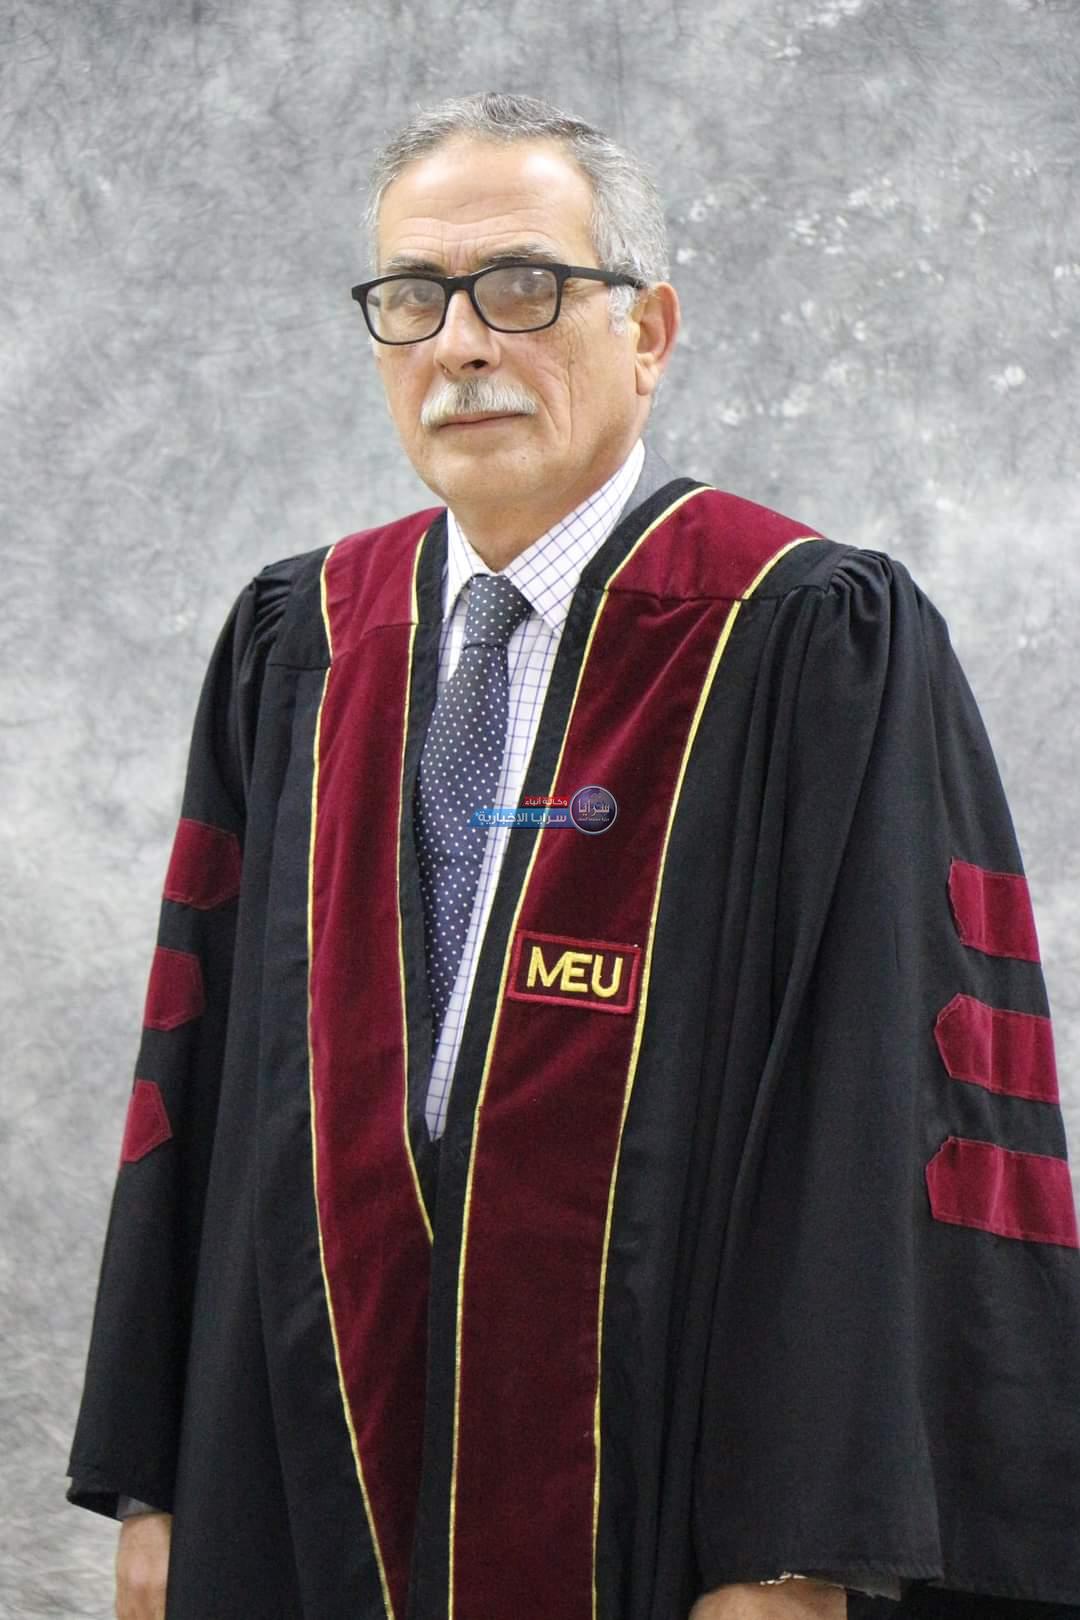 تهنئة للدكتور أحمد عريقات بمناسبة ترفيعه لرتبة أستاذ مشارك